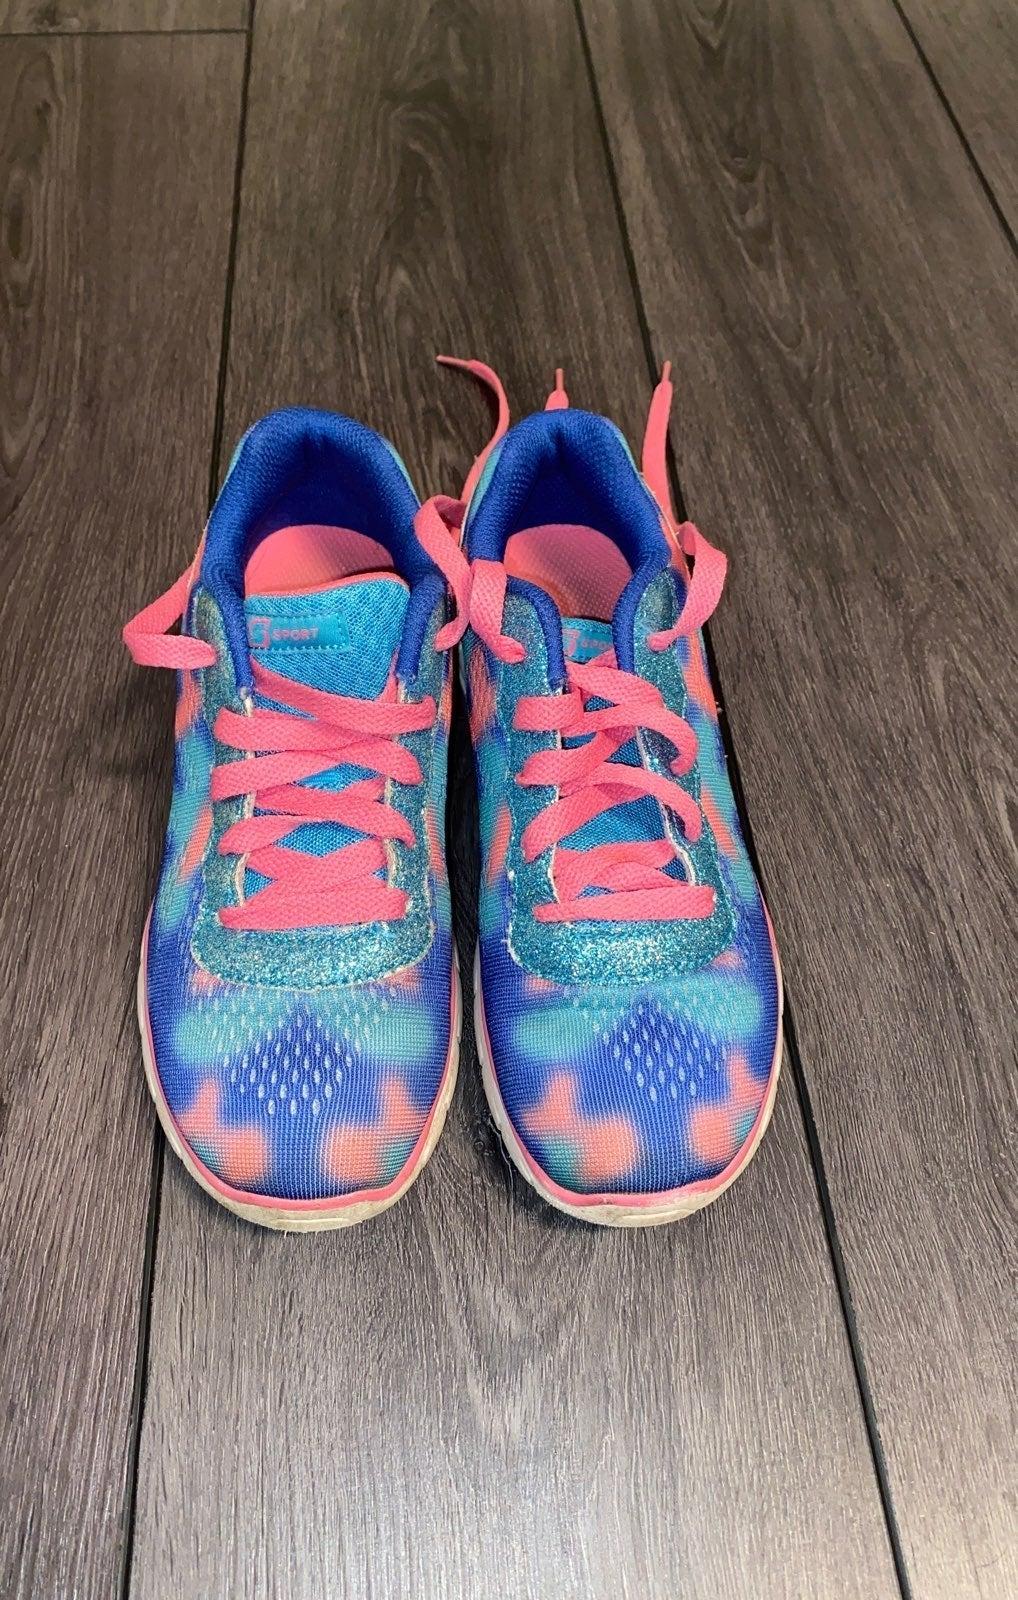 Tie dye glitter sneakers Girls 3